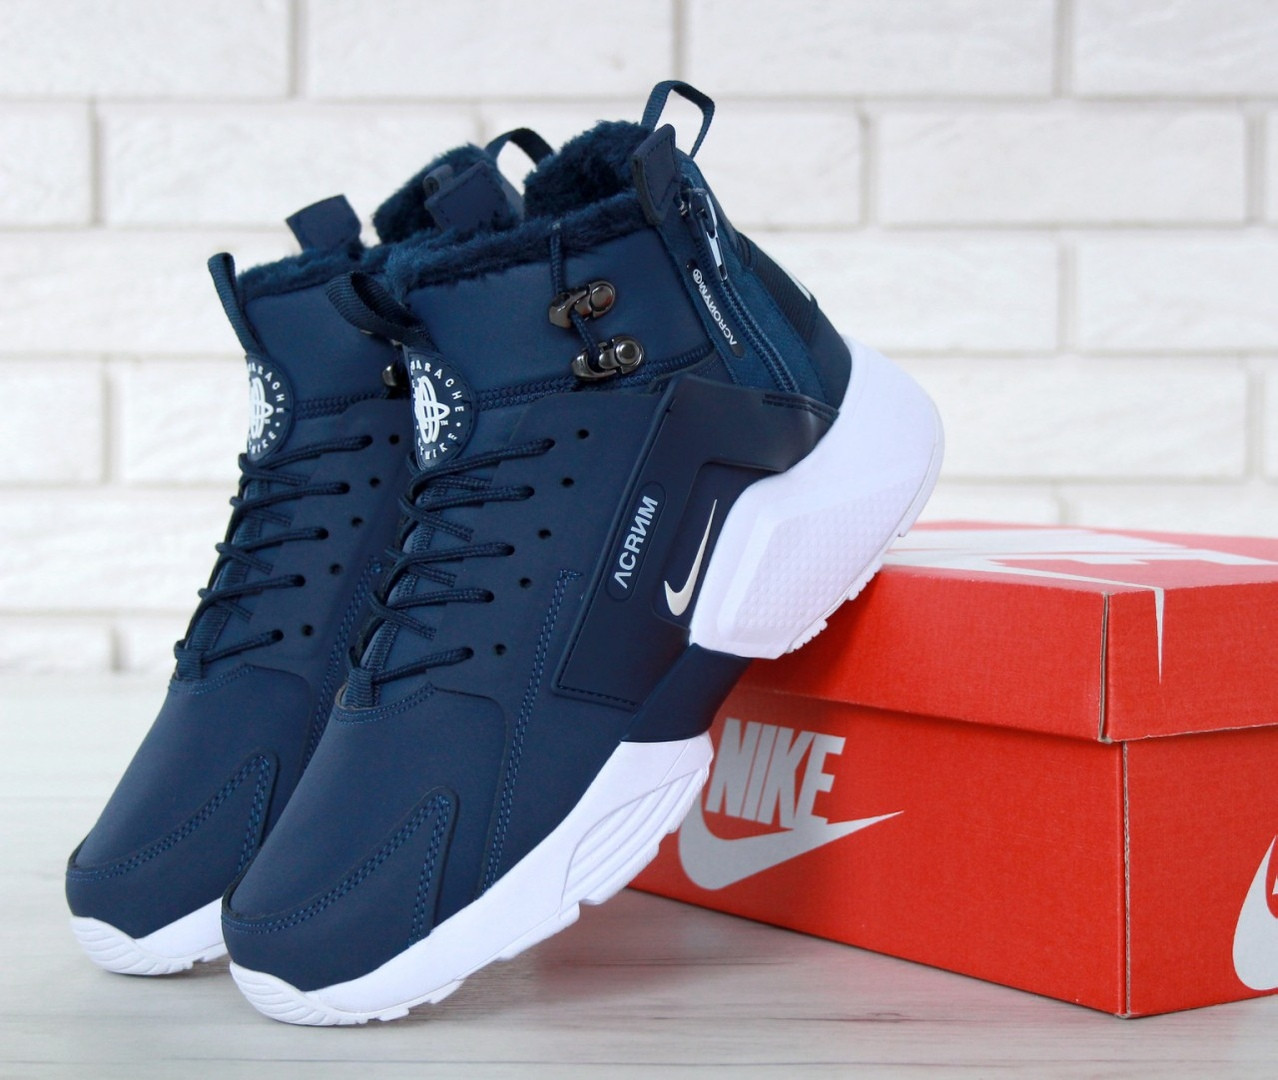 Чоловічі зимові кросівки Nike Air Huarache Winter з хутром (синьо-білі)